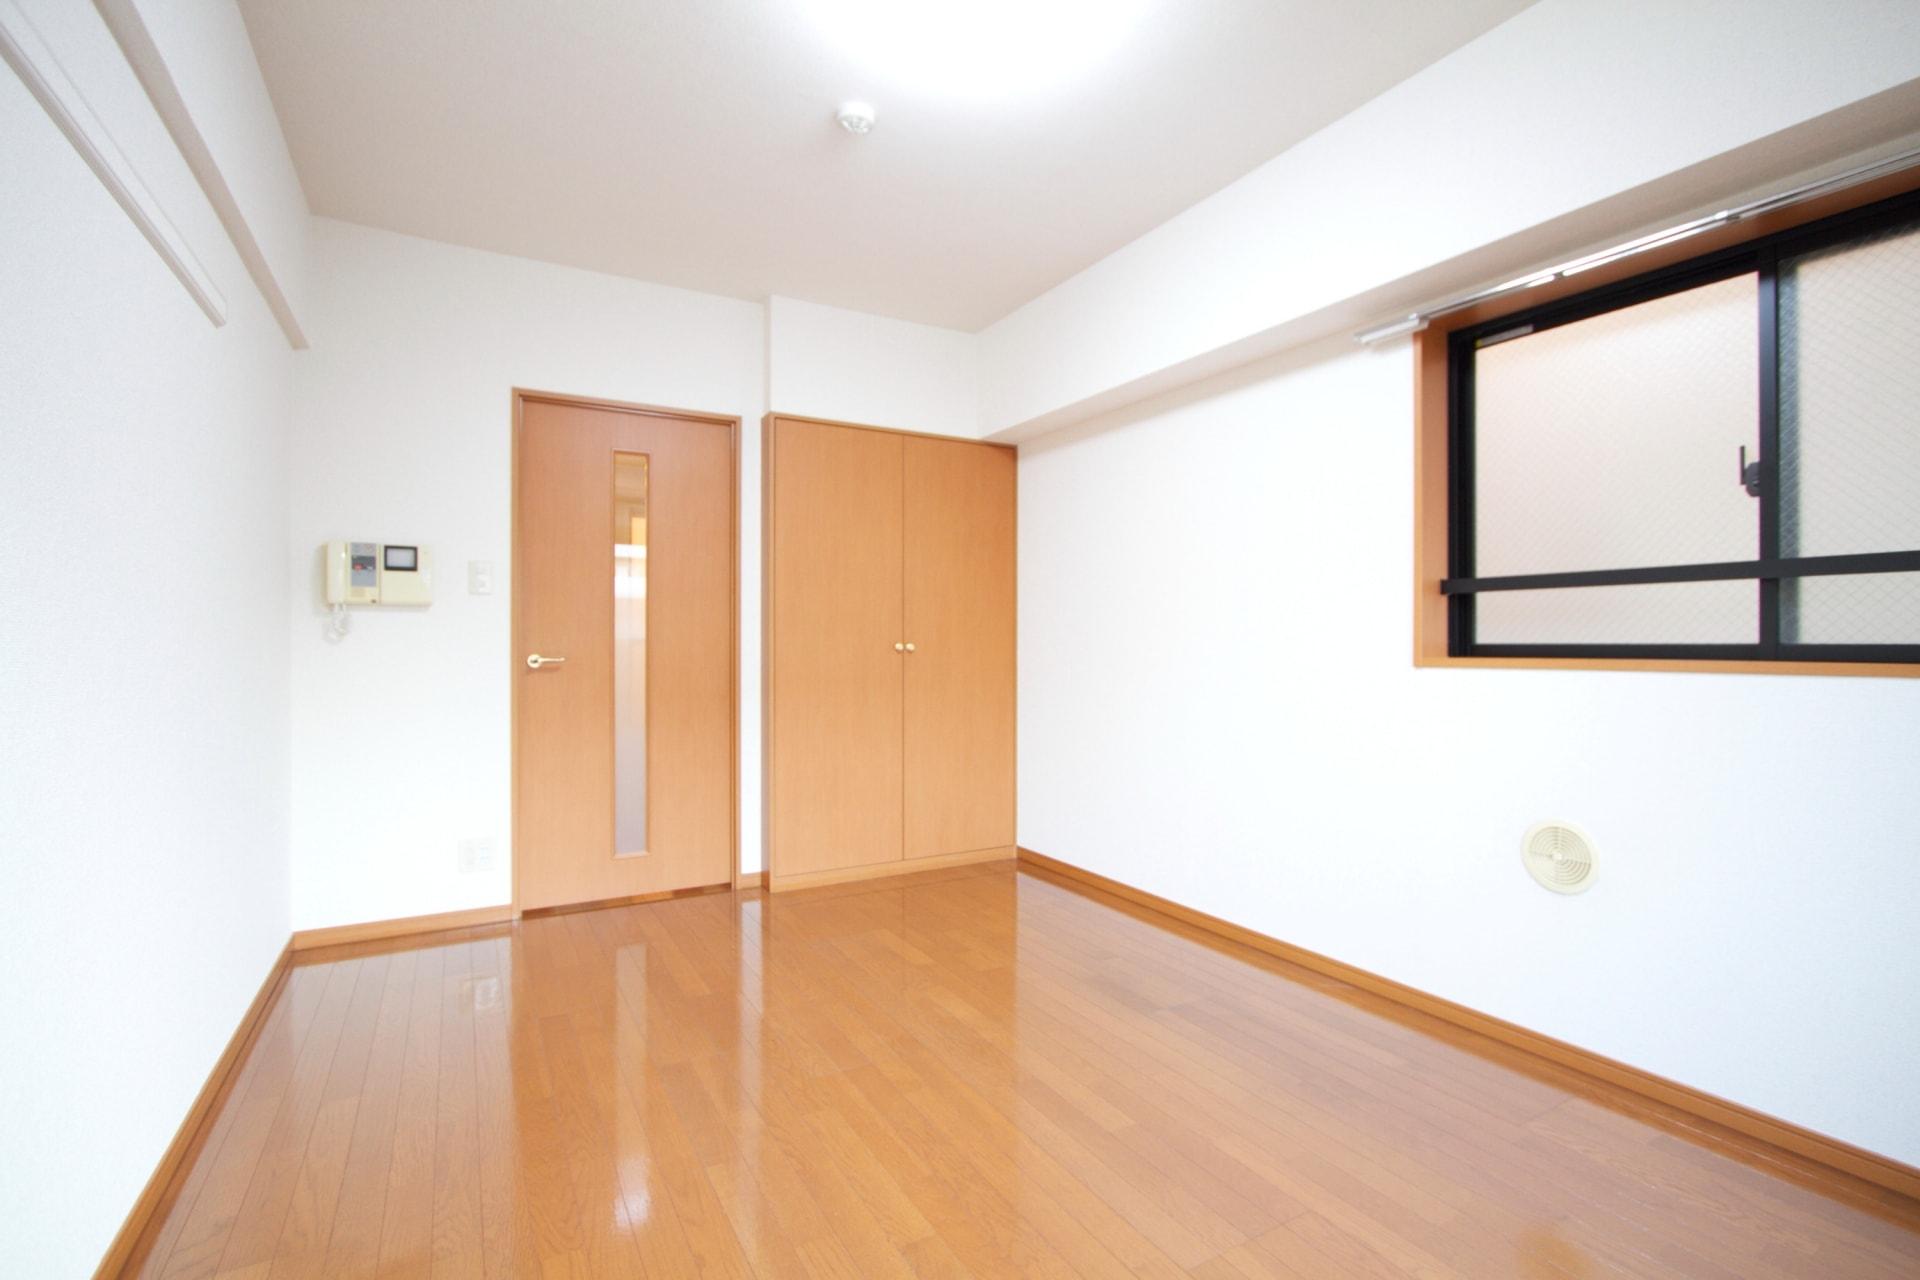 和室から洋室へリフォームする際のポイント 長崎フローリング 床